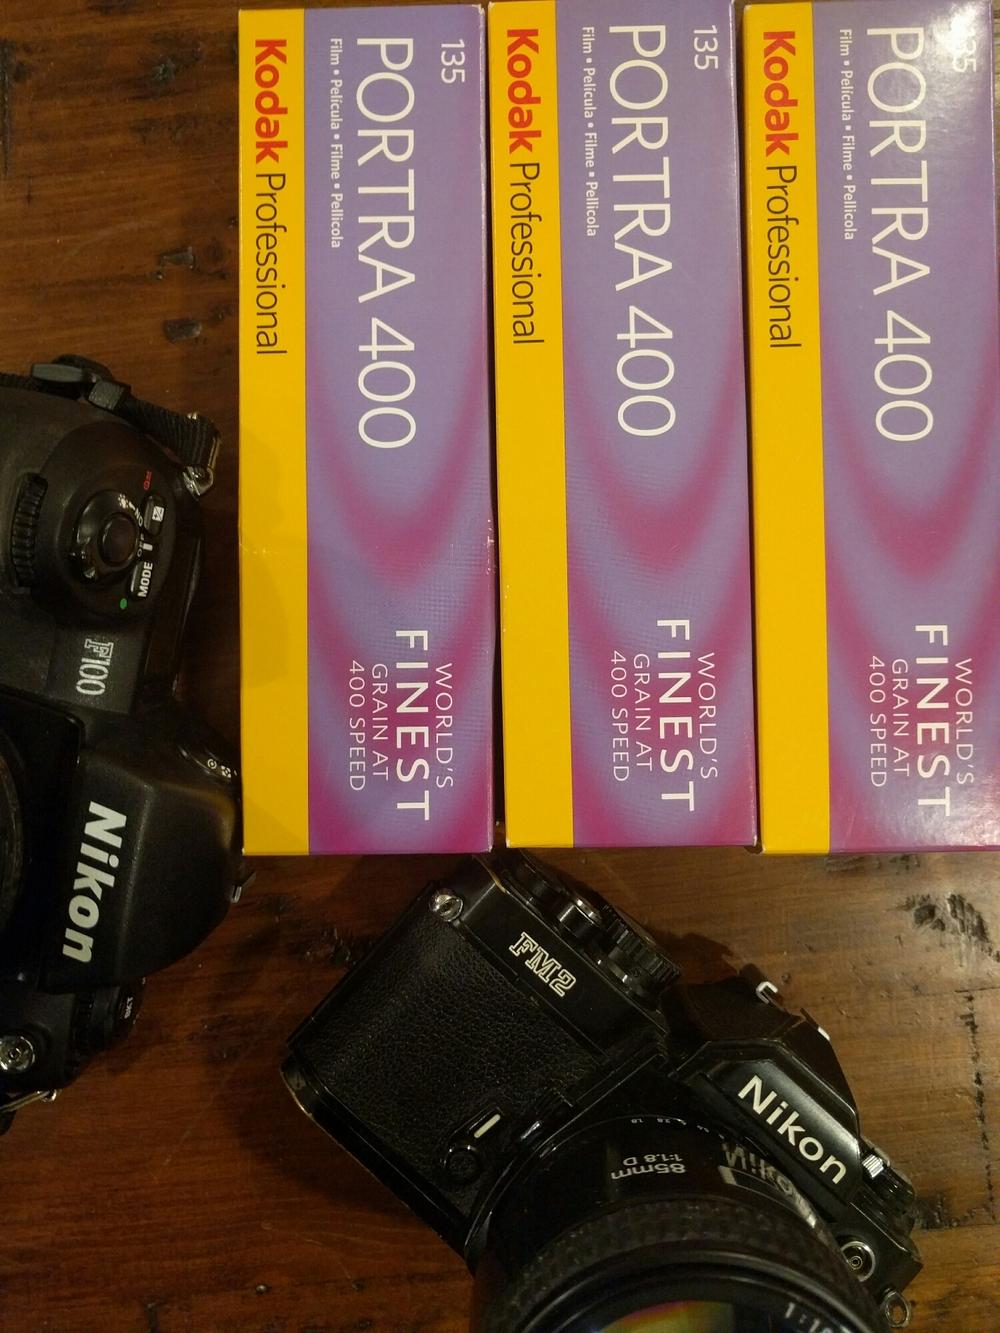 35mm Kodak Portra 400